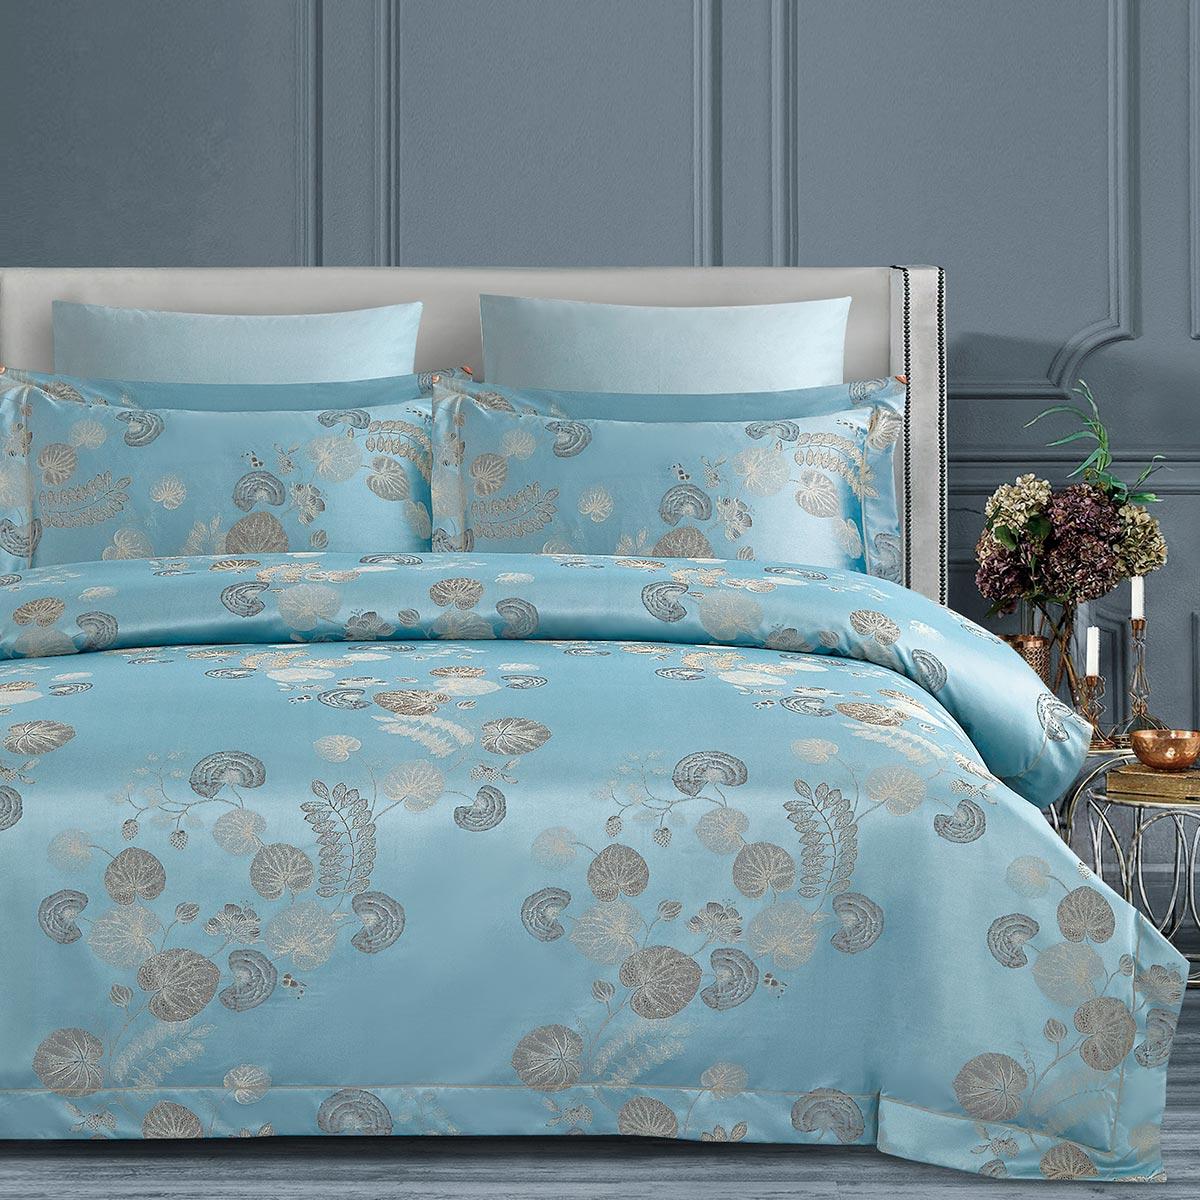 Комплект постельного белья Arya Home Majestik Riley голубой Евро